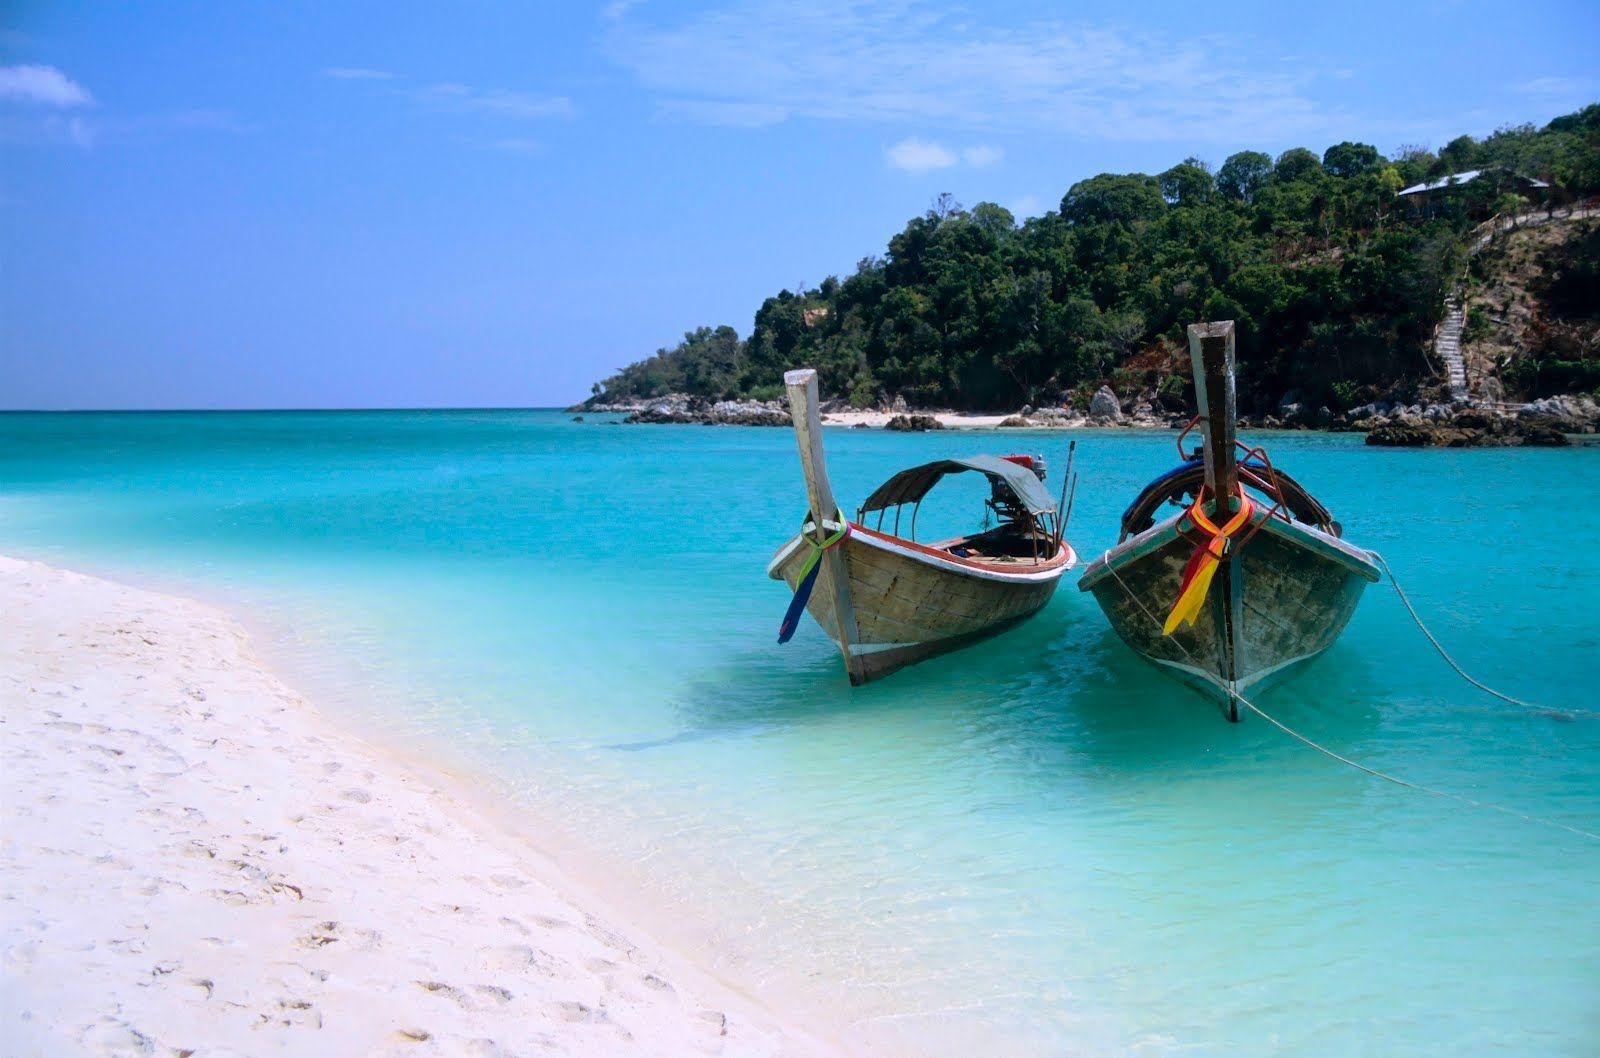 La isla de Zanzibar es un verdadero paraíso